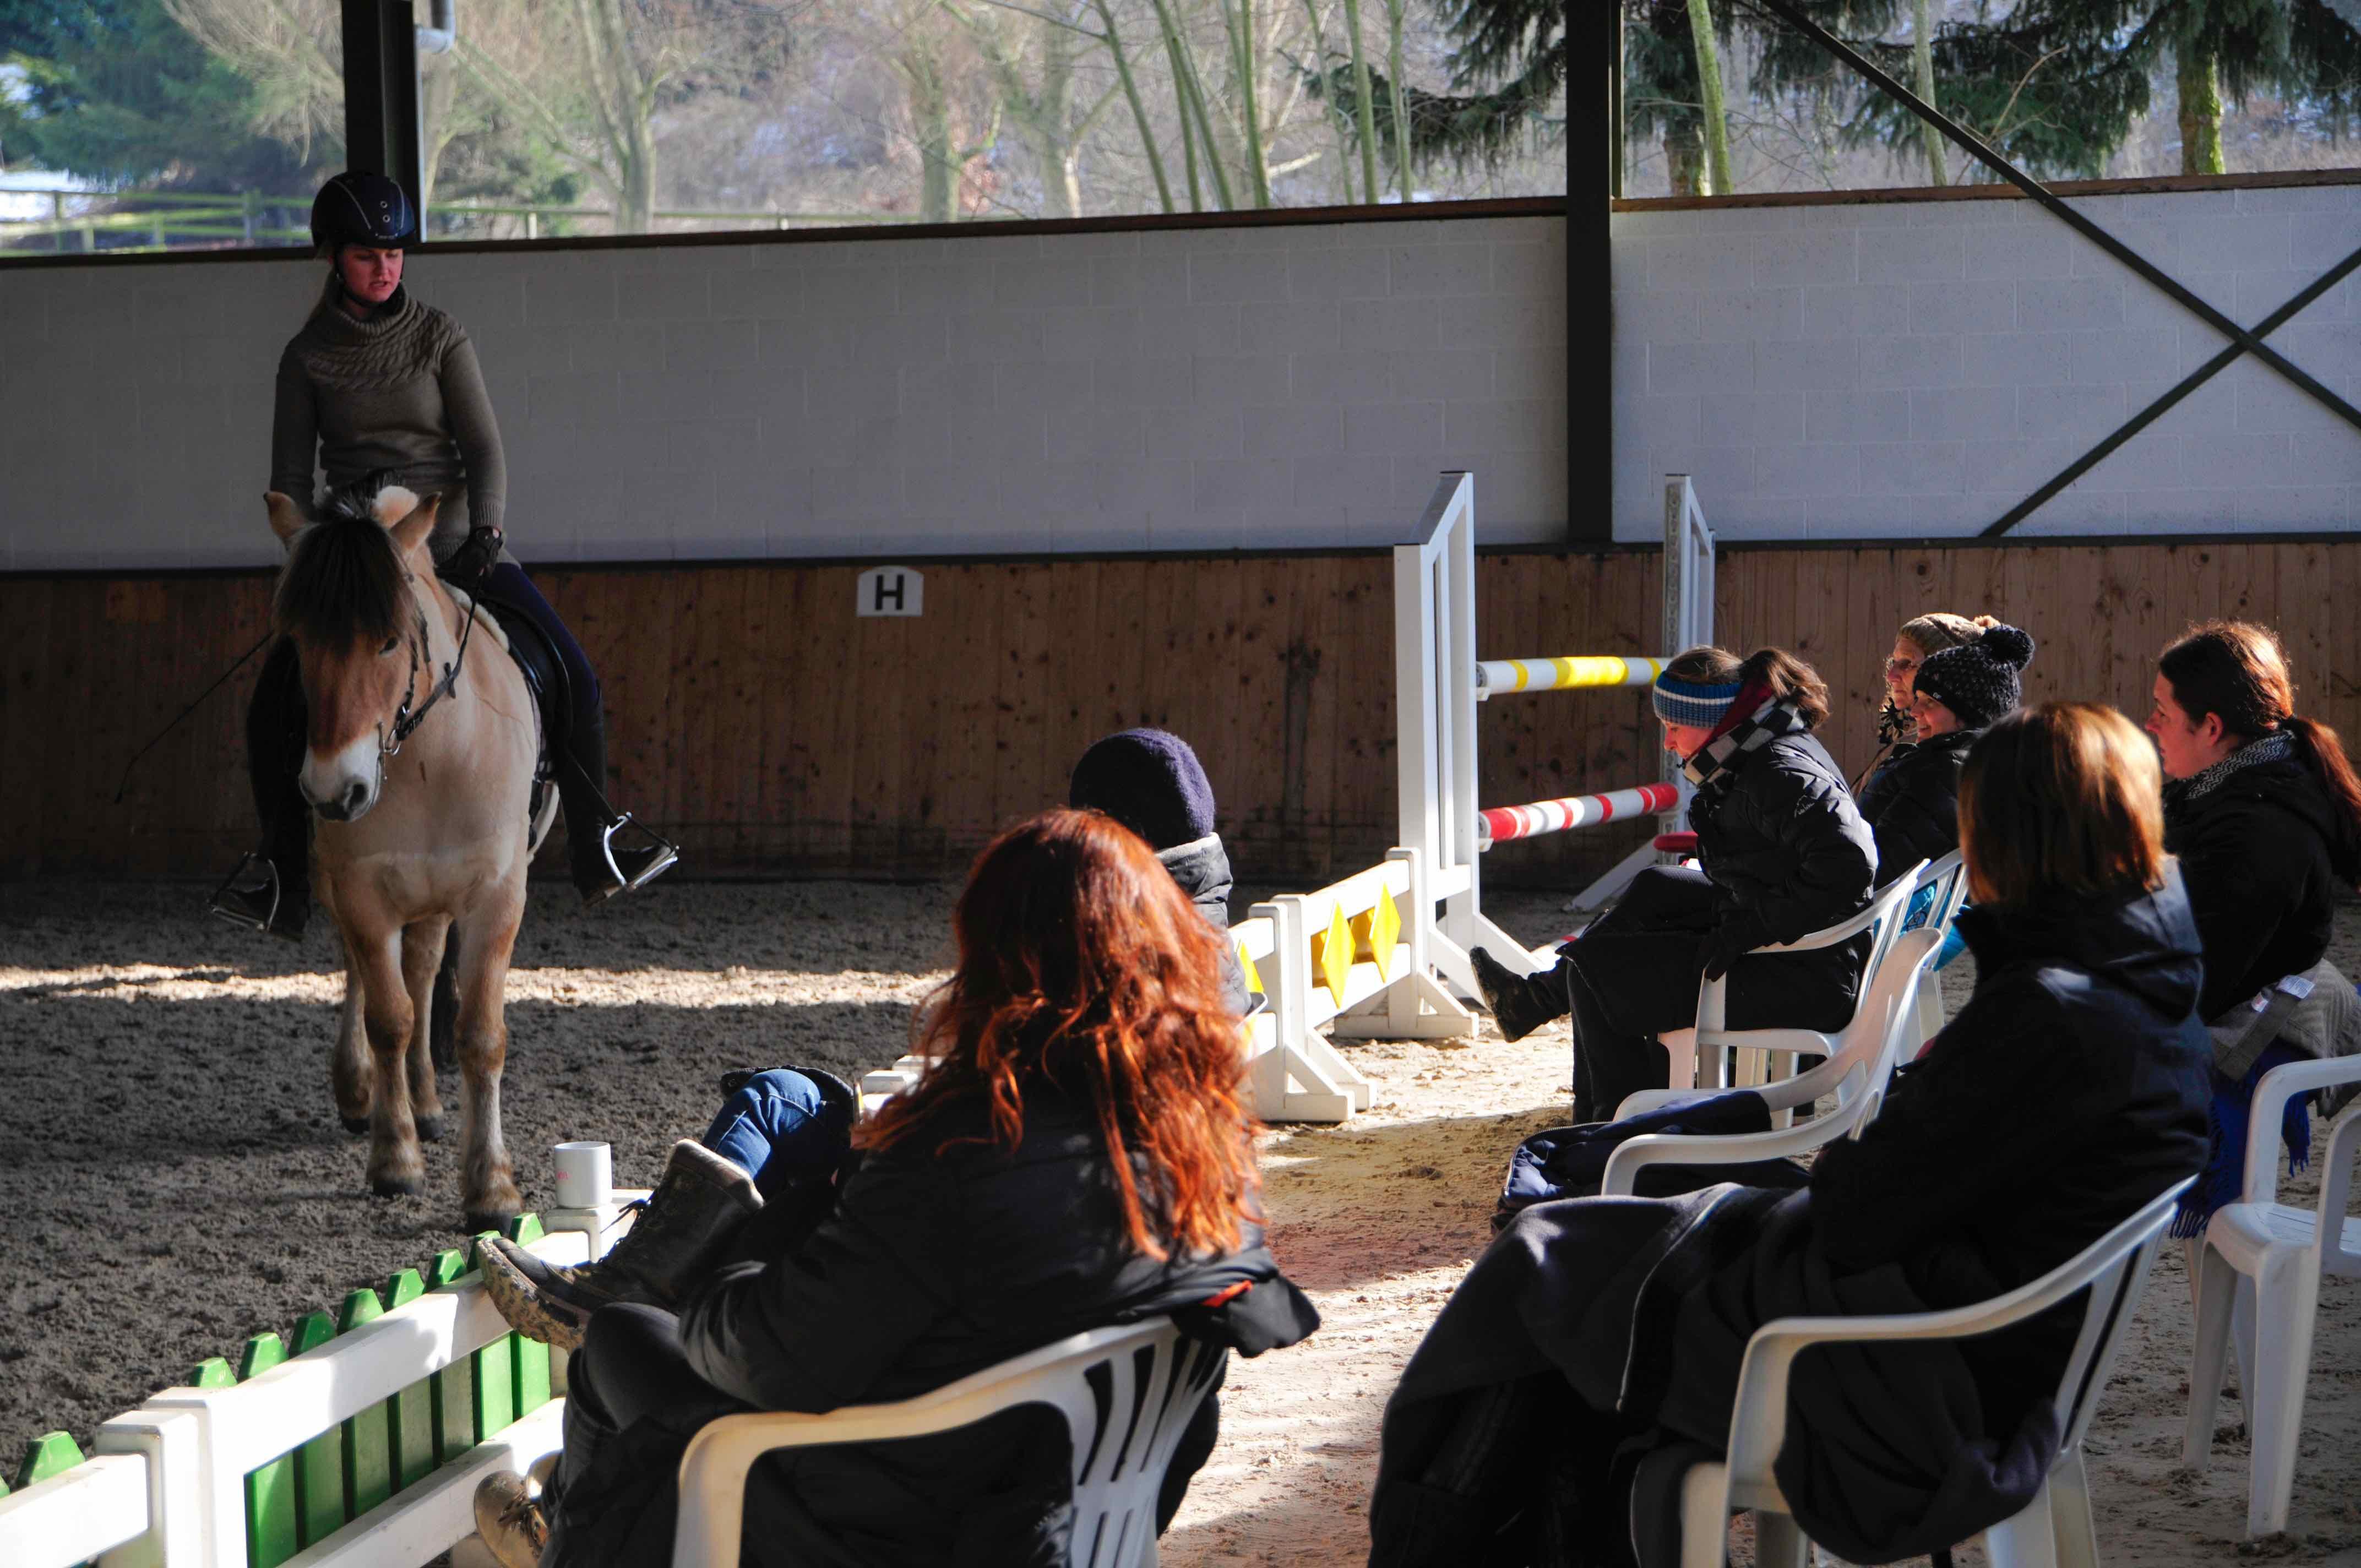 Kursbesucher schauen in einer Reithalle einer Reiterin zu